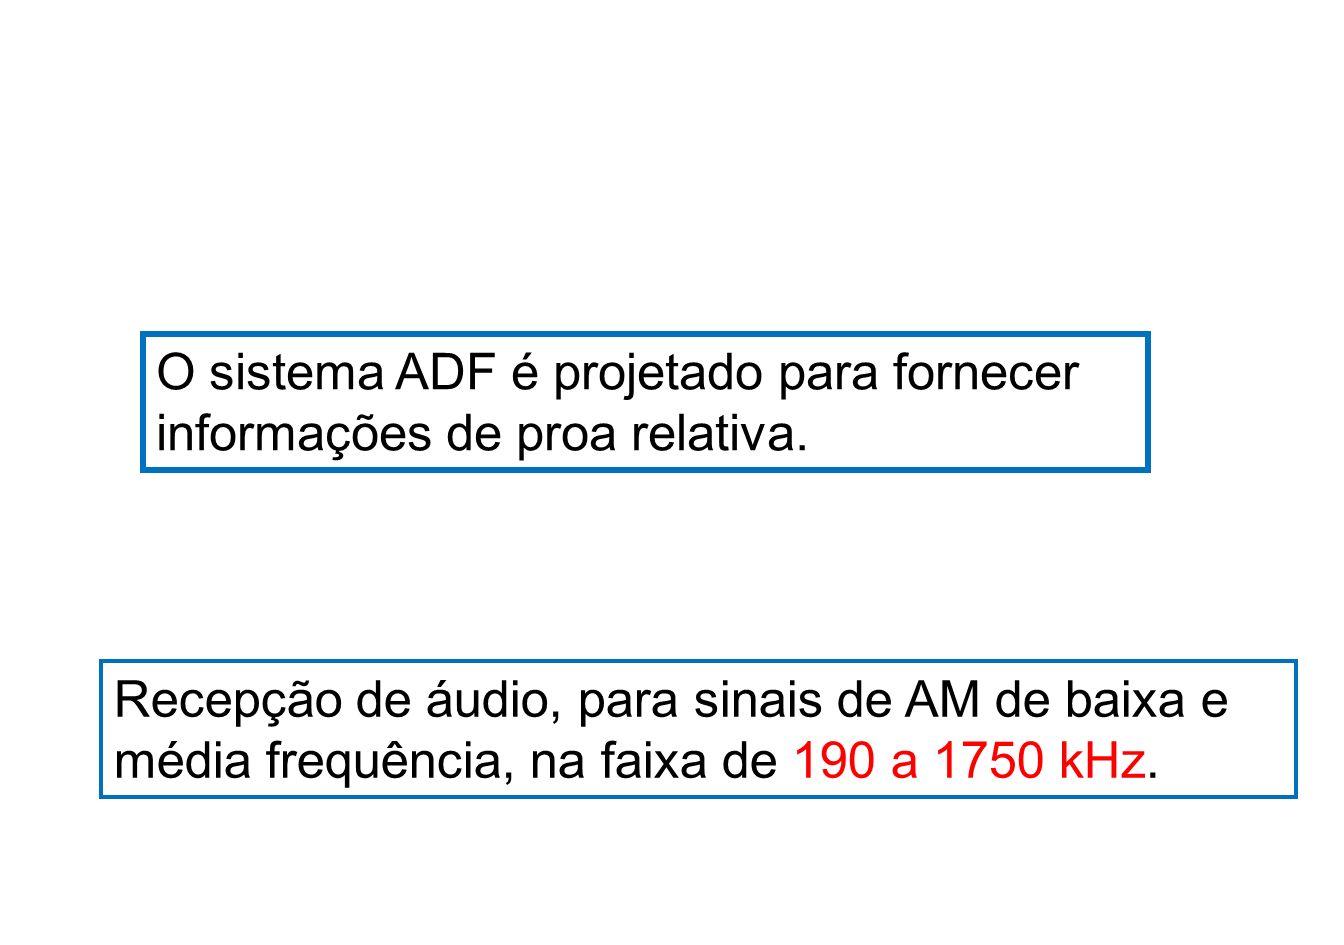 Os ADFs são usados nas seguintes funções: Como radiogoniômetro automático, para fornecer indicações contínuas de marcações magnéticas das estações Sintonizadas.